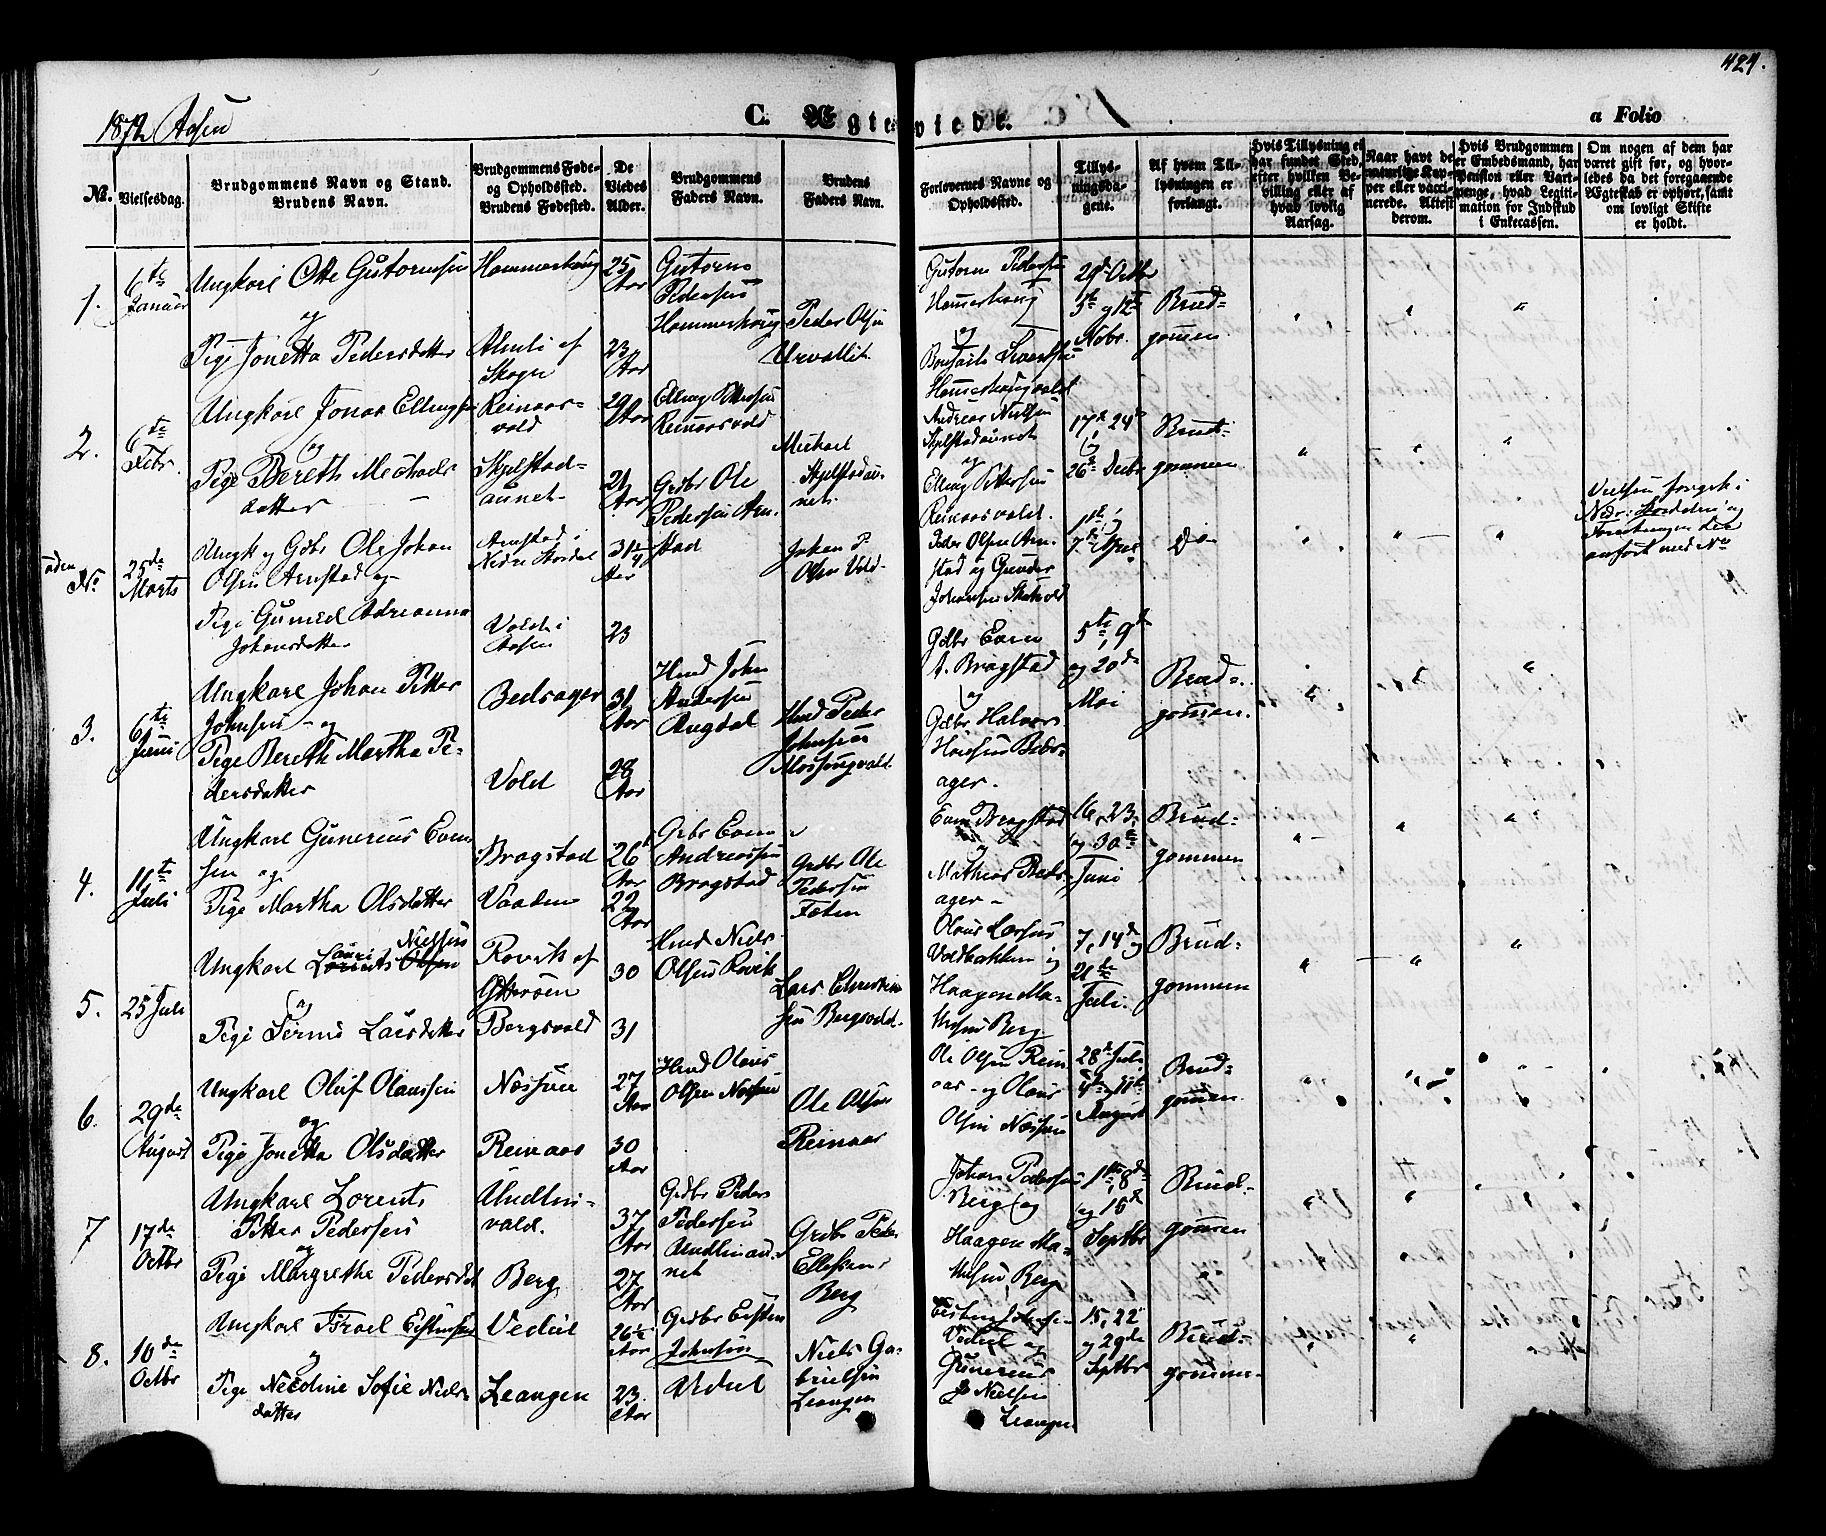 SAT, Ministerialprotokoller, klokkerbøker og fødselsregistre - Nord-Trøndelag, 713/L0116: Ministerialbok nr. 713A07, 1850-1877, s. 424